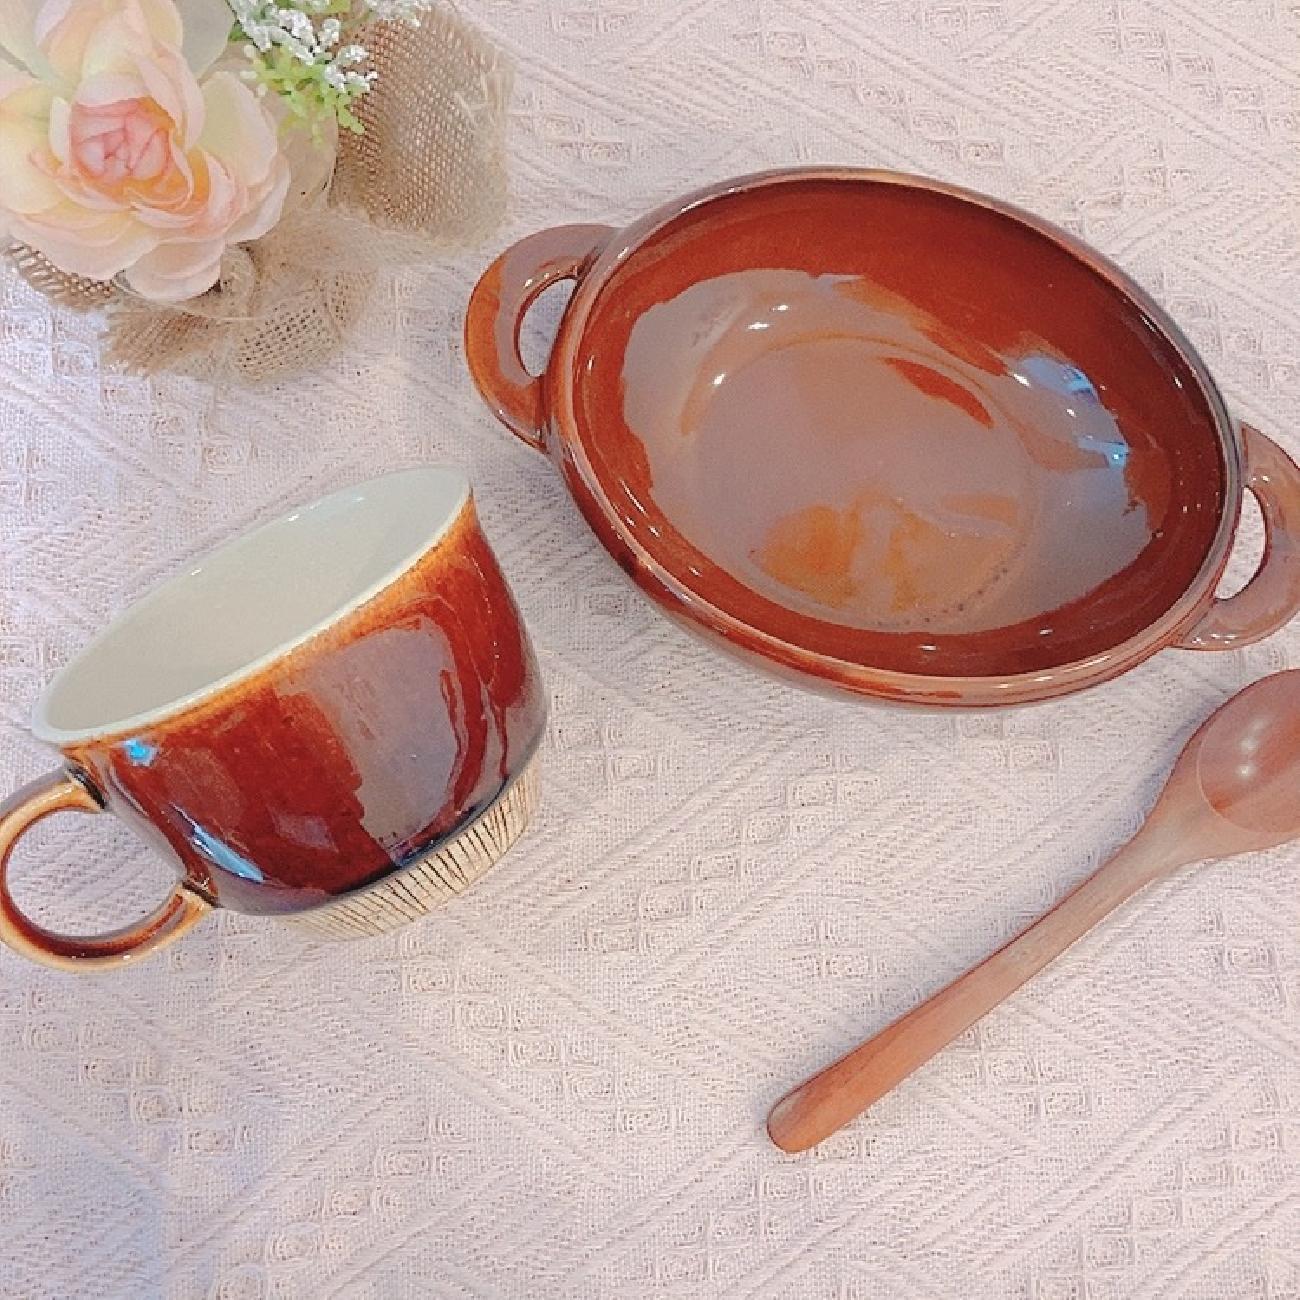 グラタン/グラタン皿/お洒落/食器/食卓/料理/スープカップ